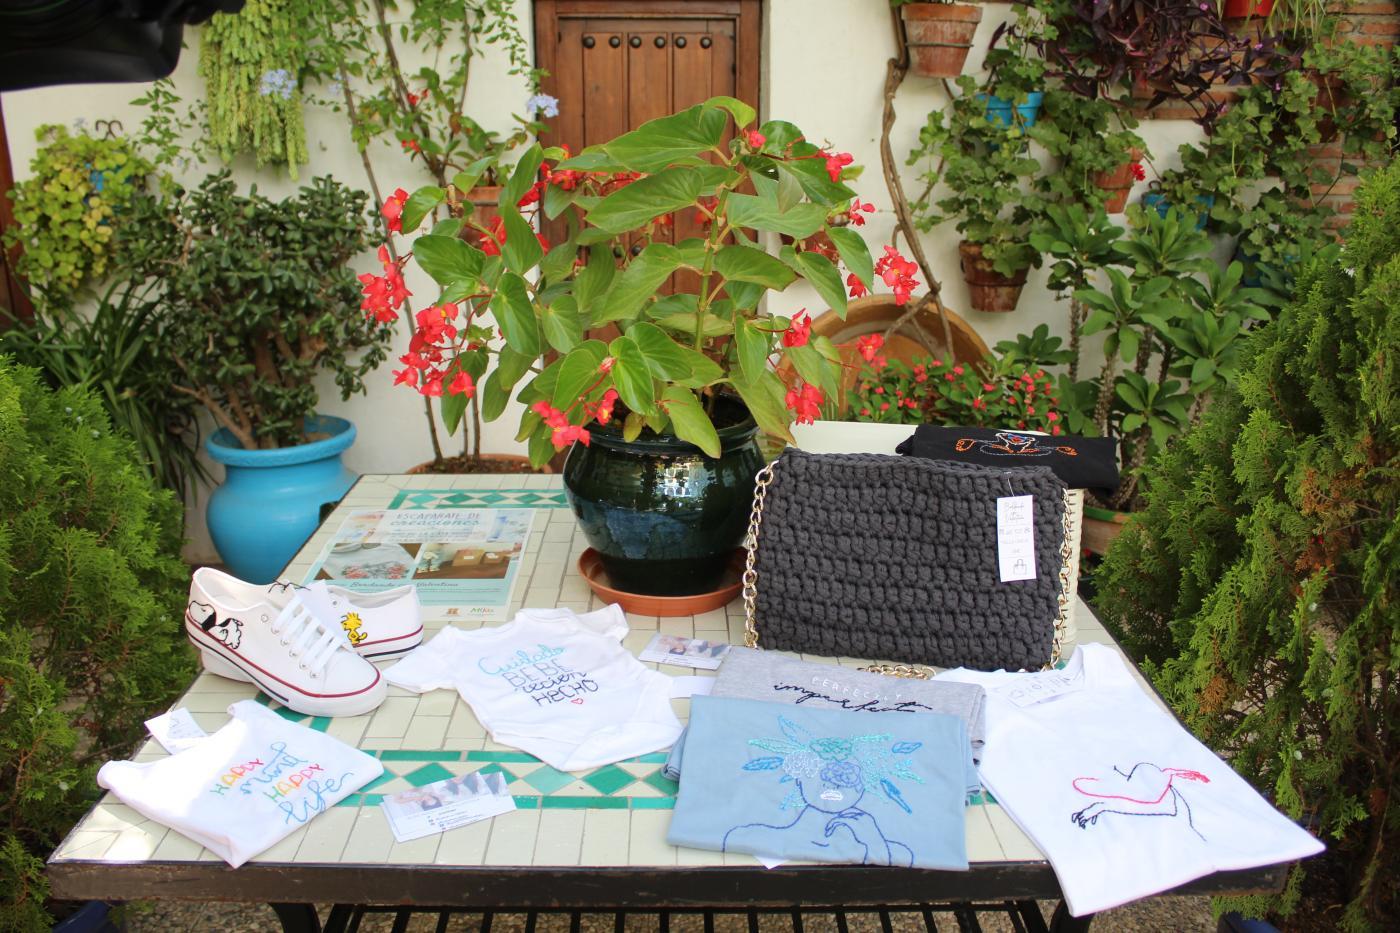 La artista plasma sus bordados en prendas de vestir y otros artículos textiles.